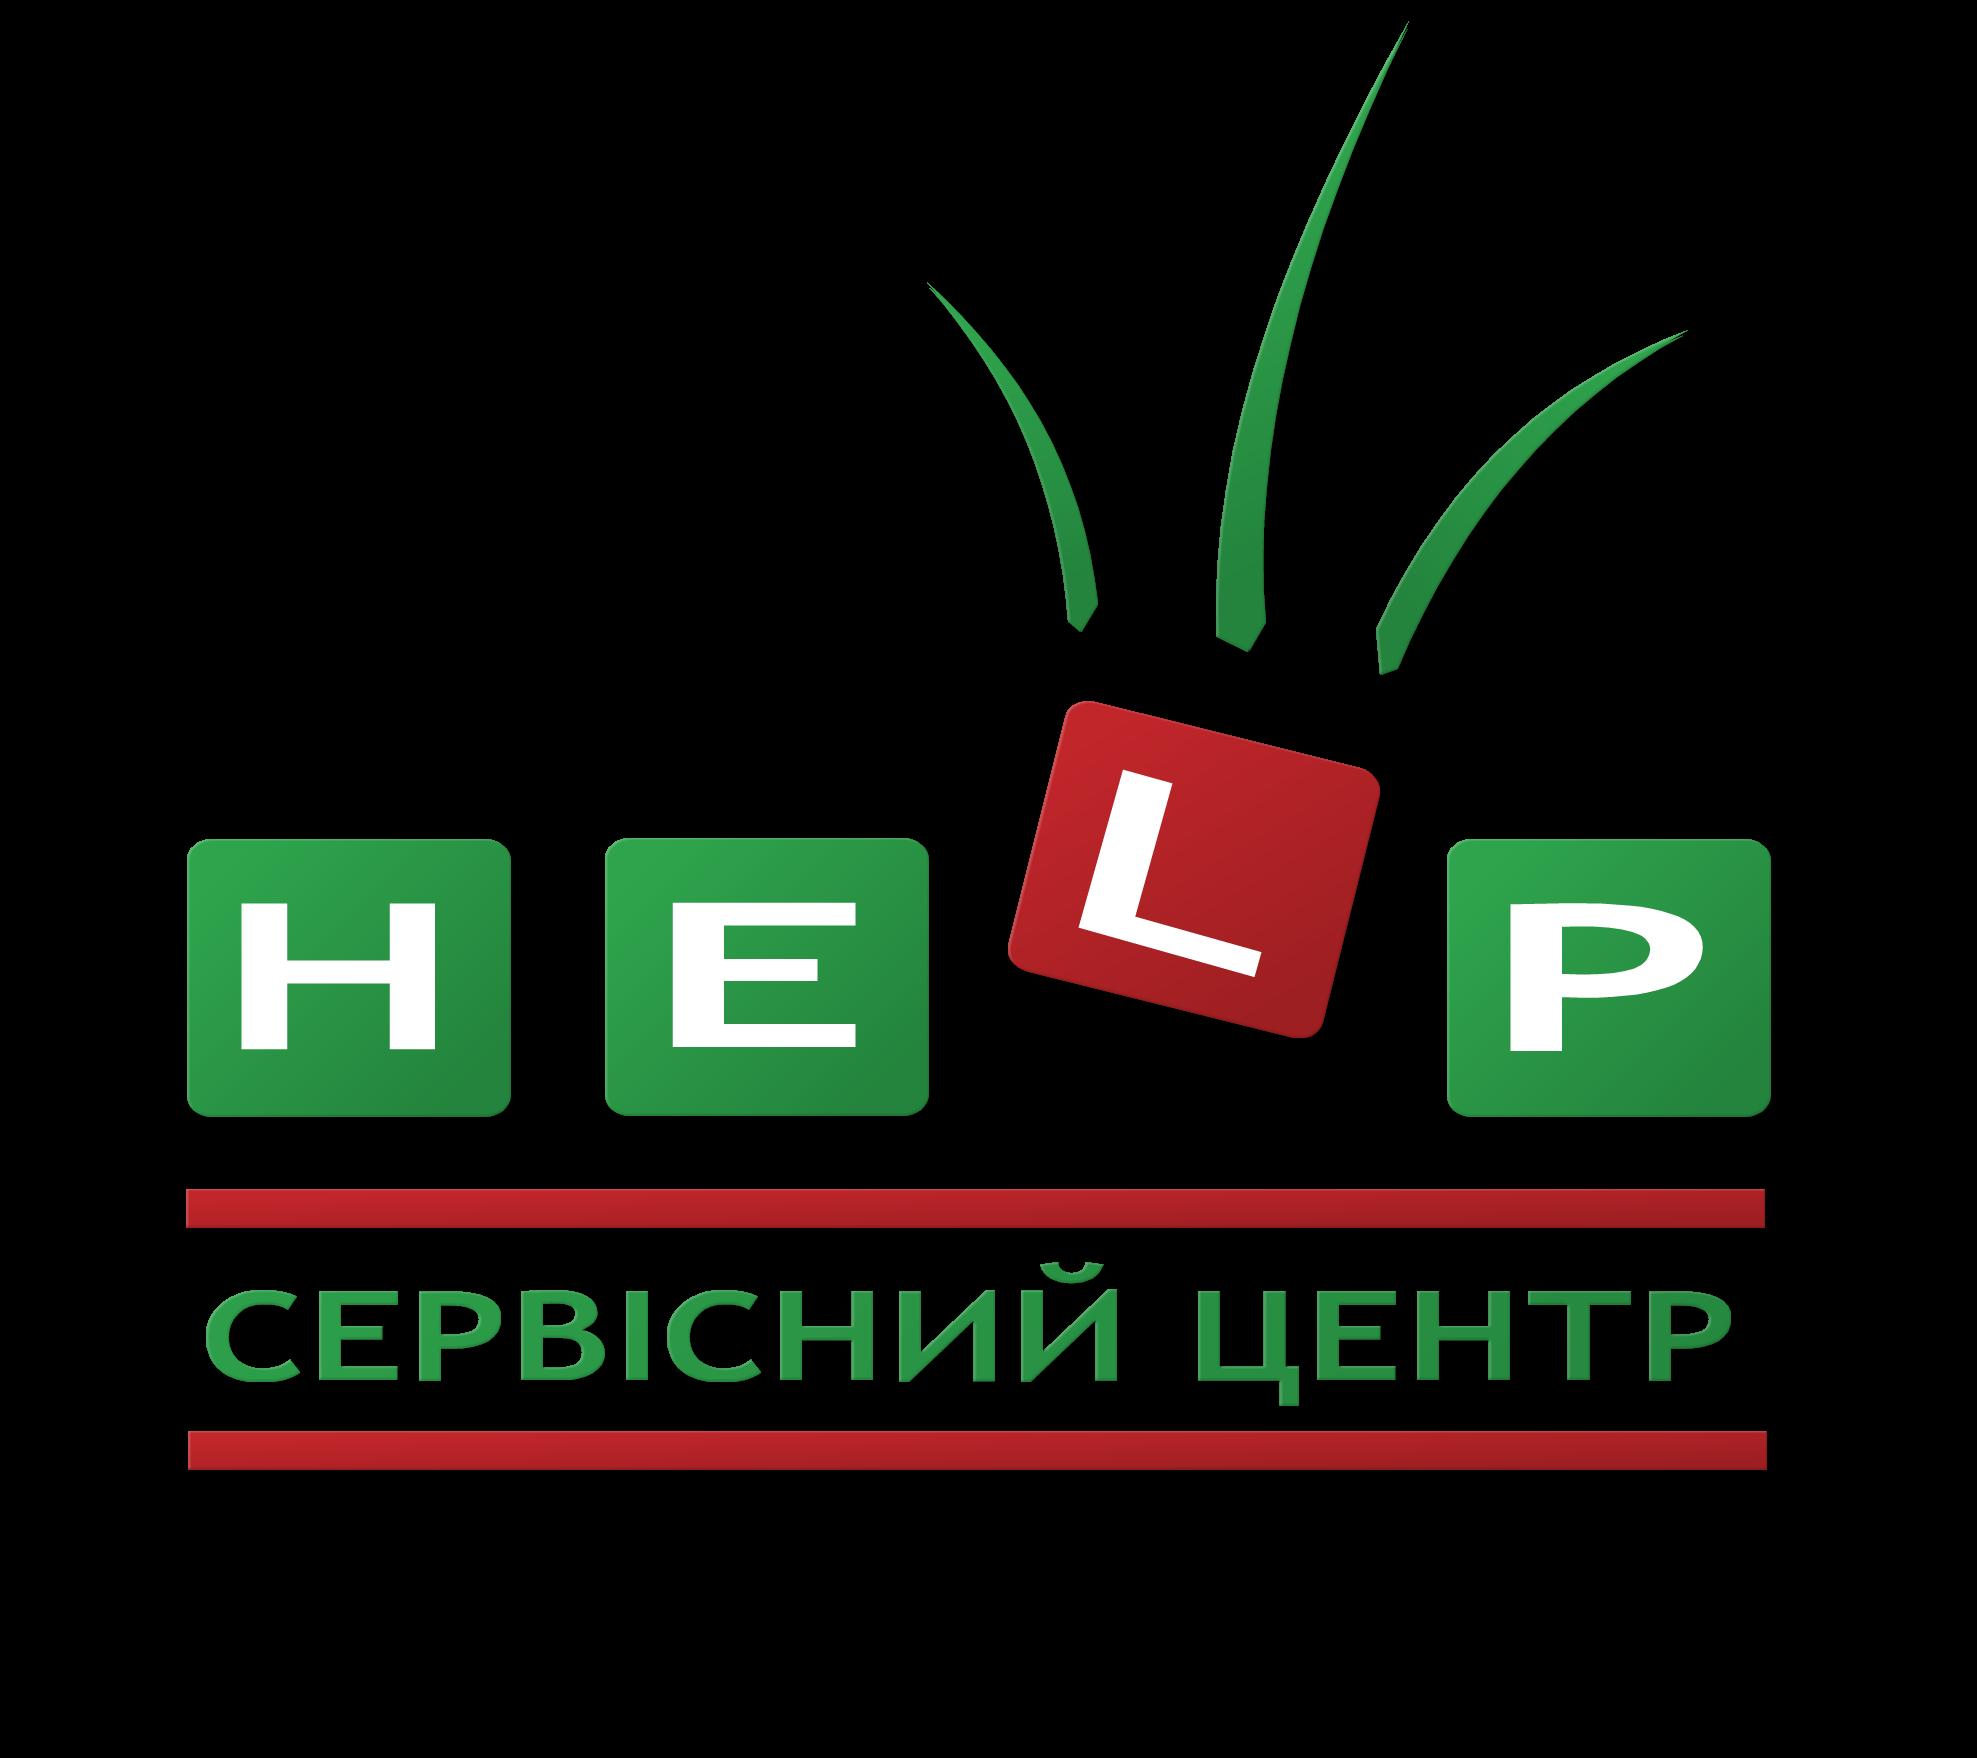 Ремонт комп'ютерної техніки| Сервісний центр HELP